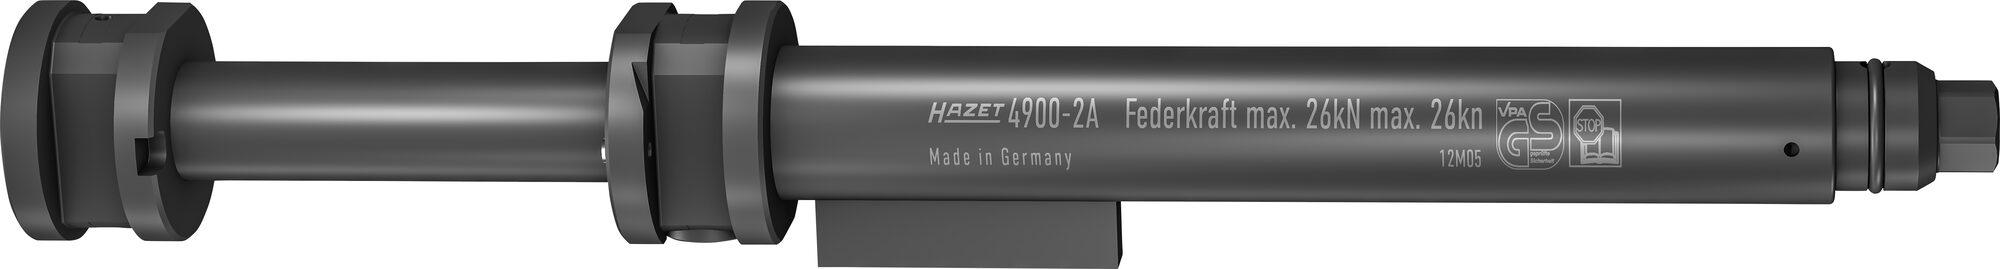 HAZET Sicherheits Federspanner-Grundgerät 4900-2A